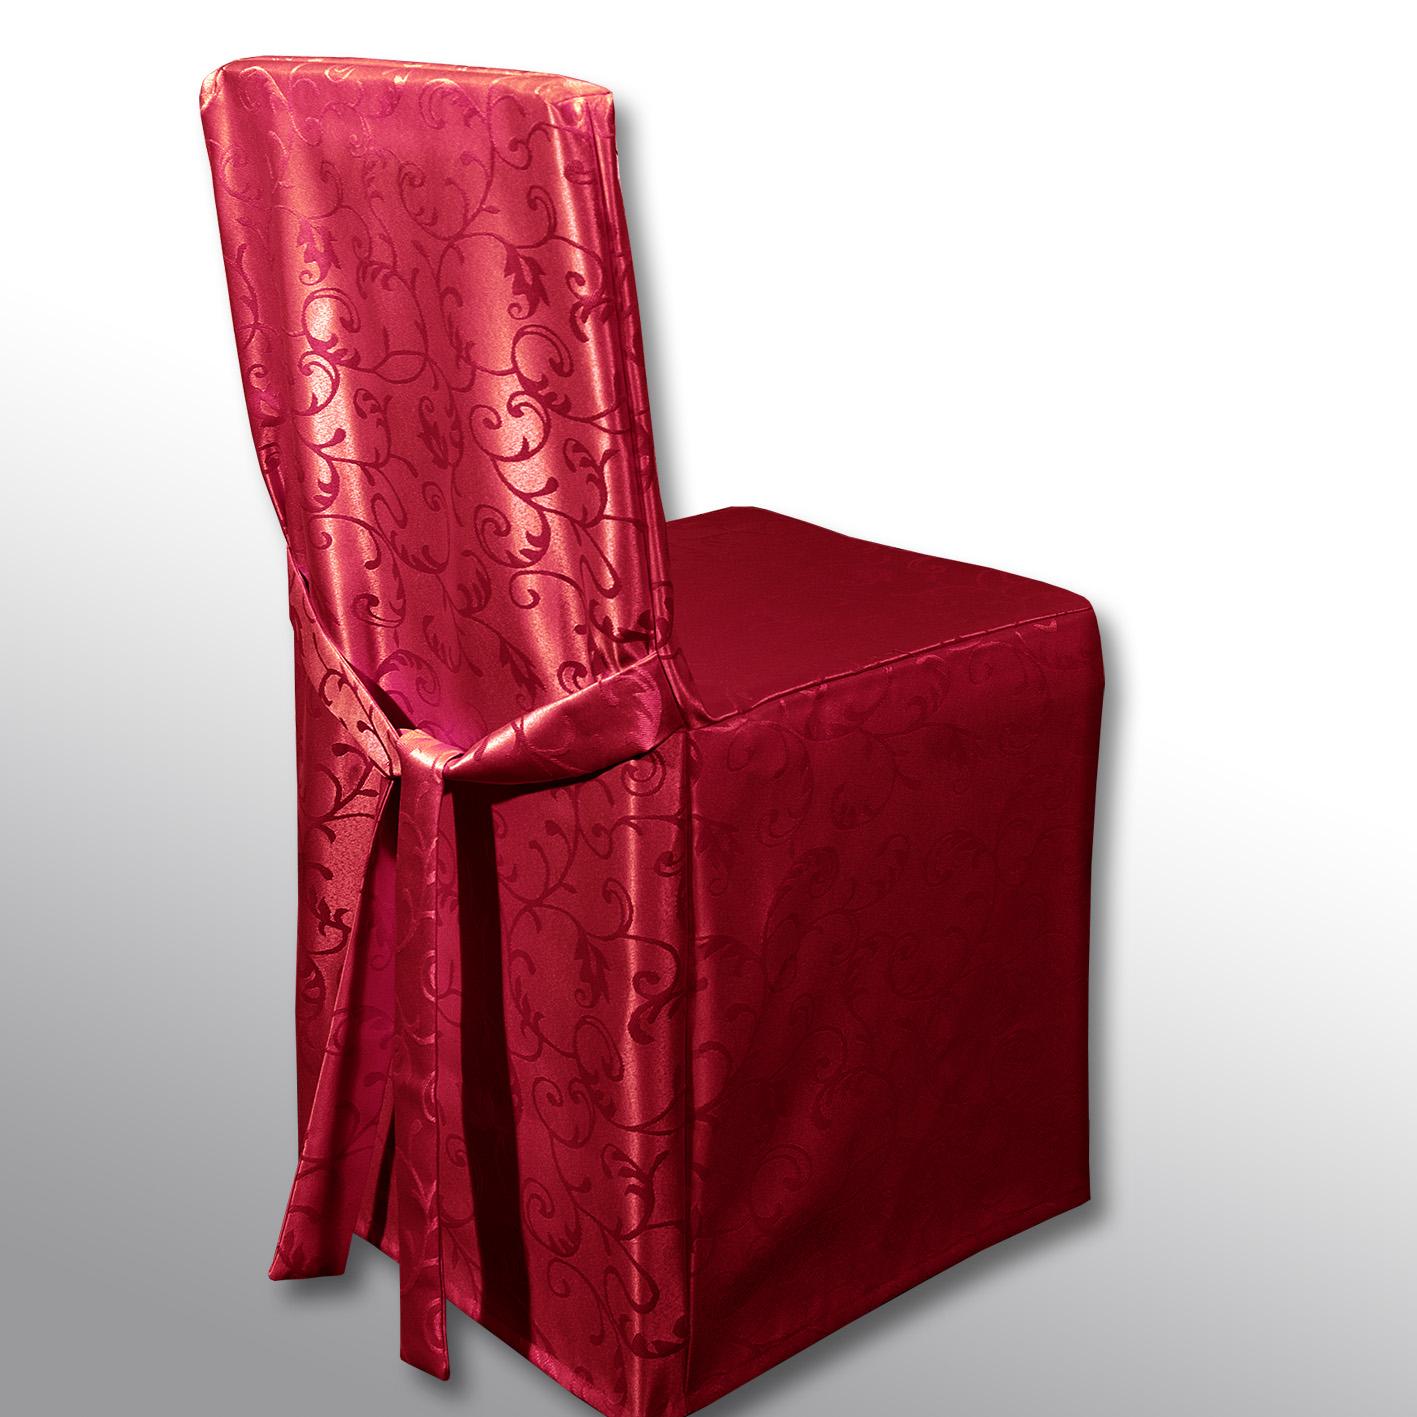 Чехол на стул Schaefer, цвет: красный, 45 х 45 х 45 см4121/Fb.04Чехол на стул Schaefer выполнен из полиэстера с красивым узором. На спинке чехол завязывается на завязки. Предназначен для классического стула со спинкой. Такой чехол изысканно дополнит интерьер вашего дома.